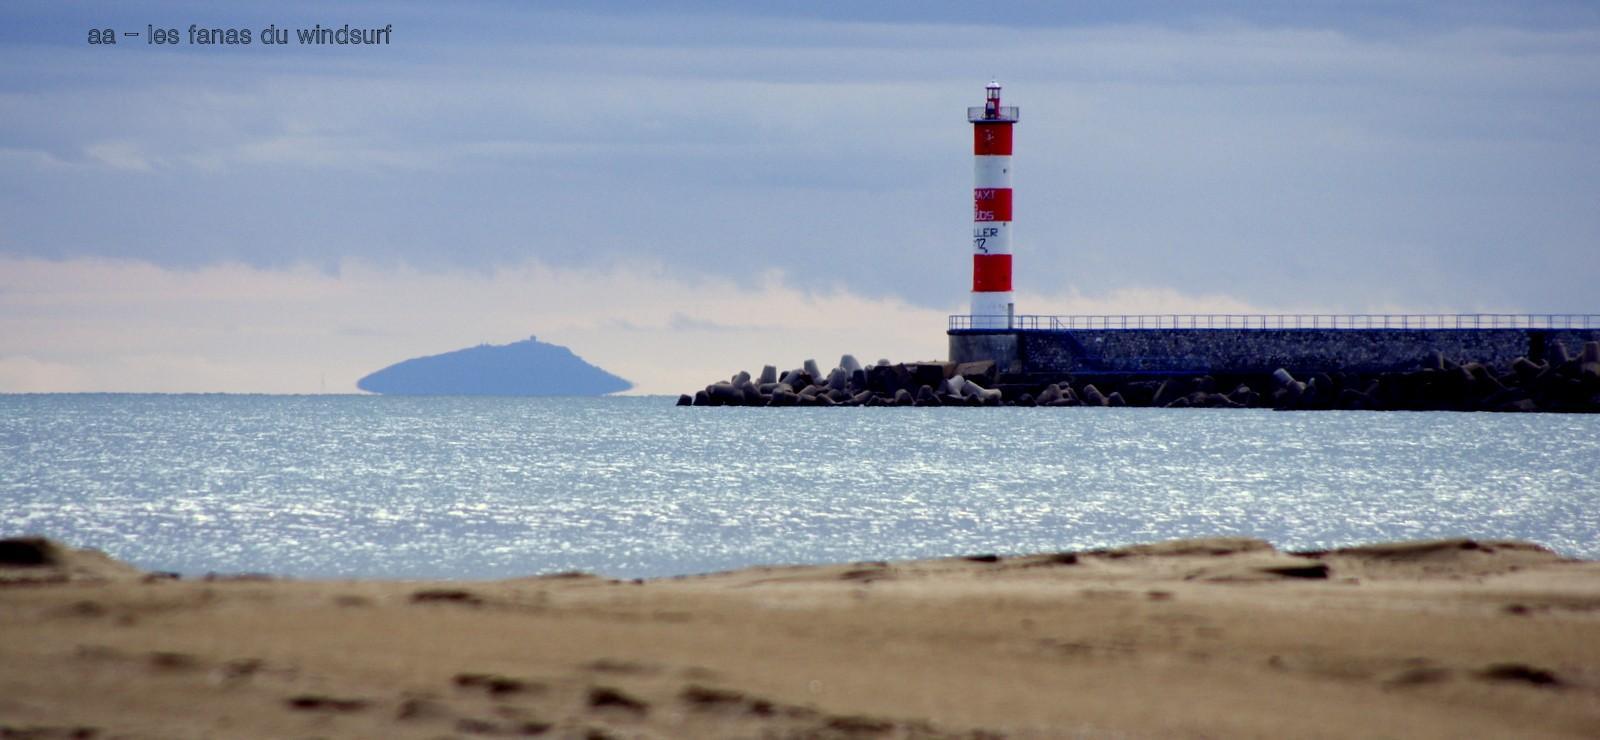 Surf report port la nouvelle 11 du 2016 02 10 17 00 00 - Windfinder port la nouvelle ...